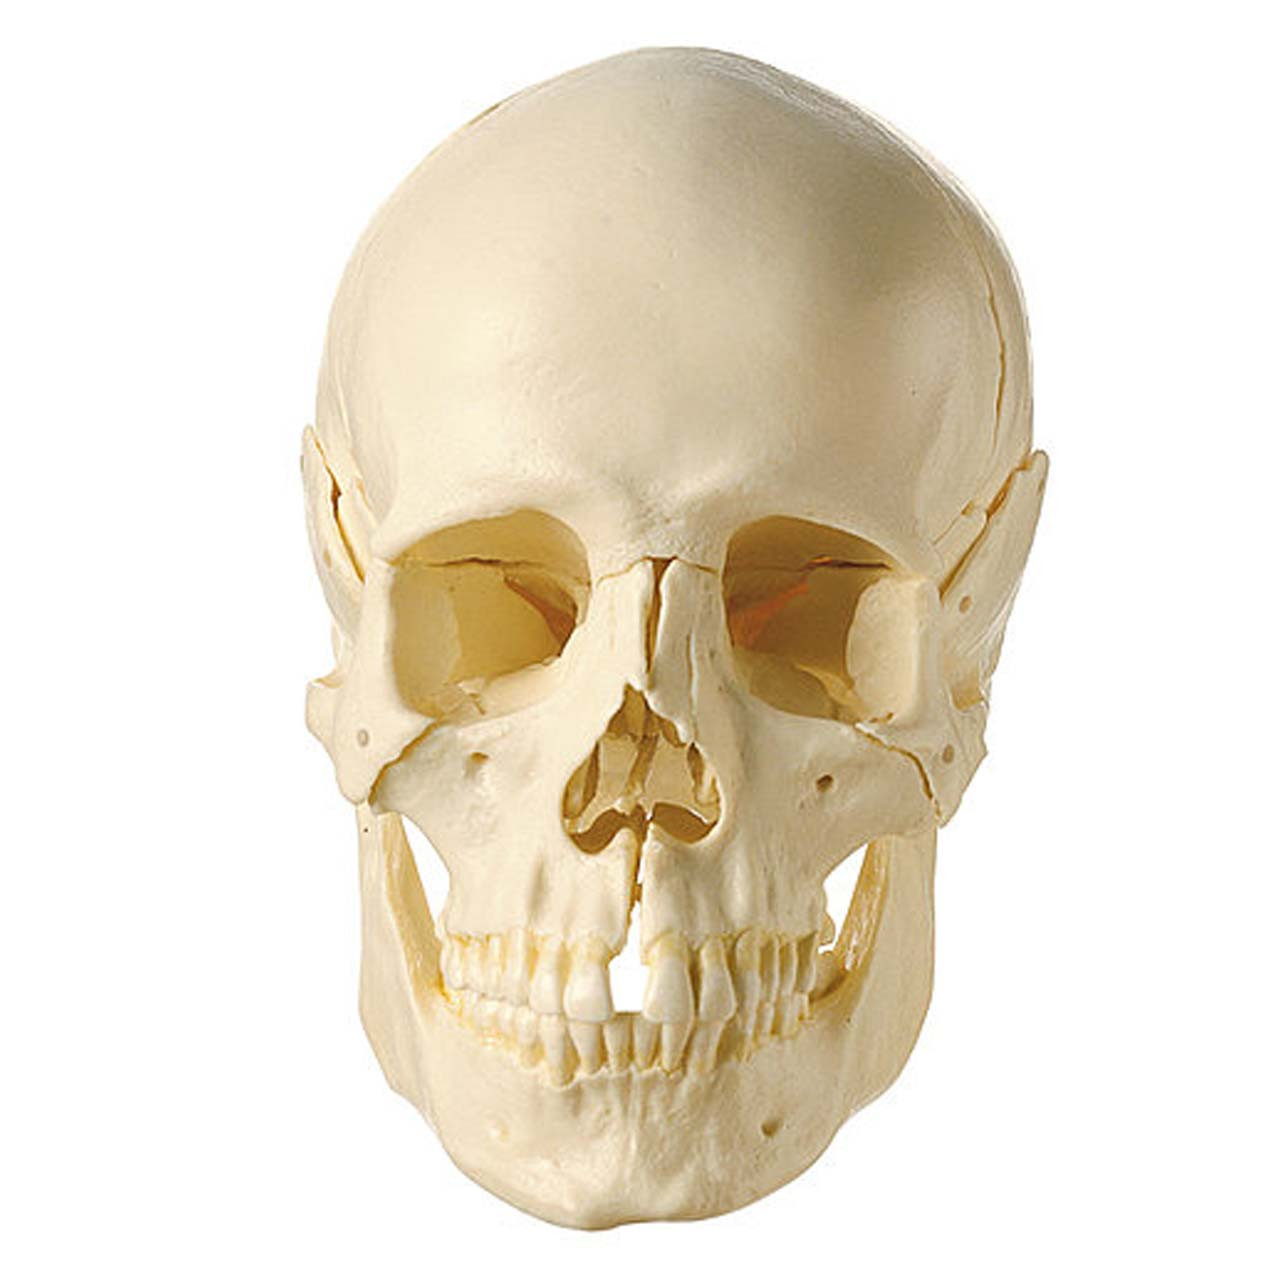 18-Part Model of the Skull